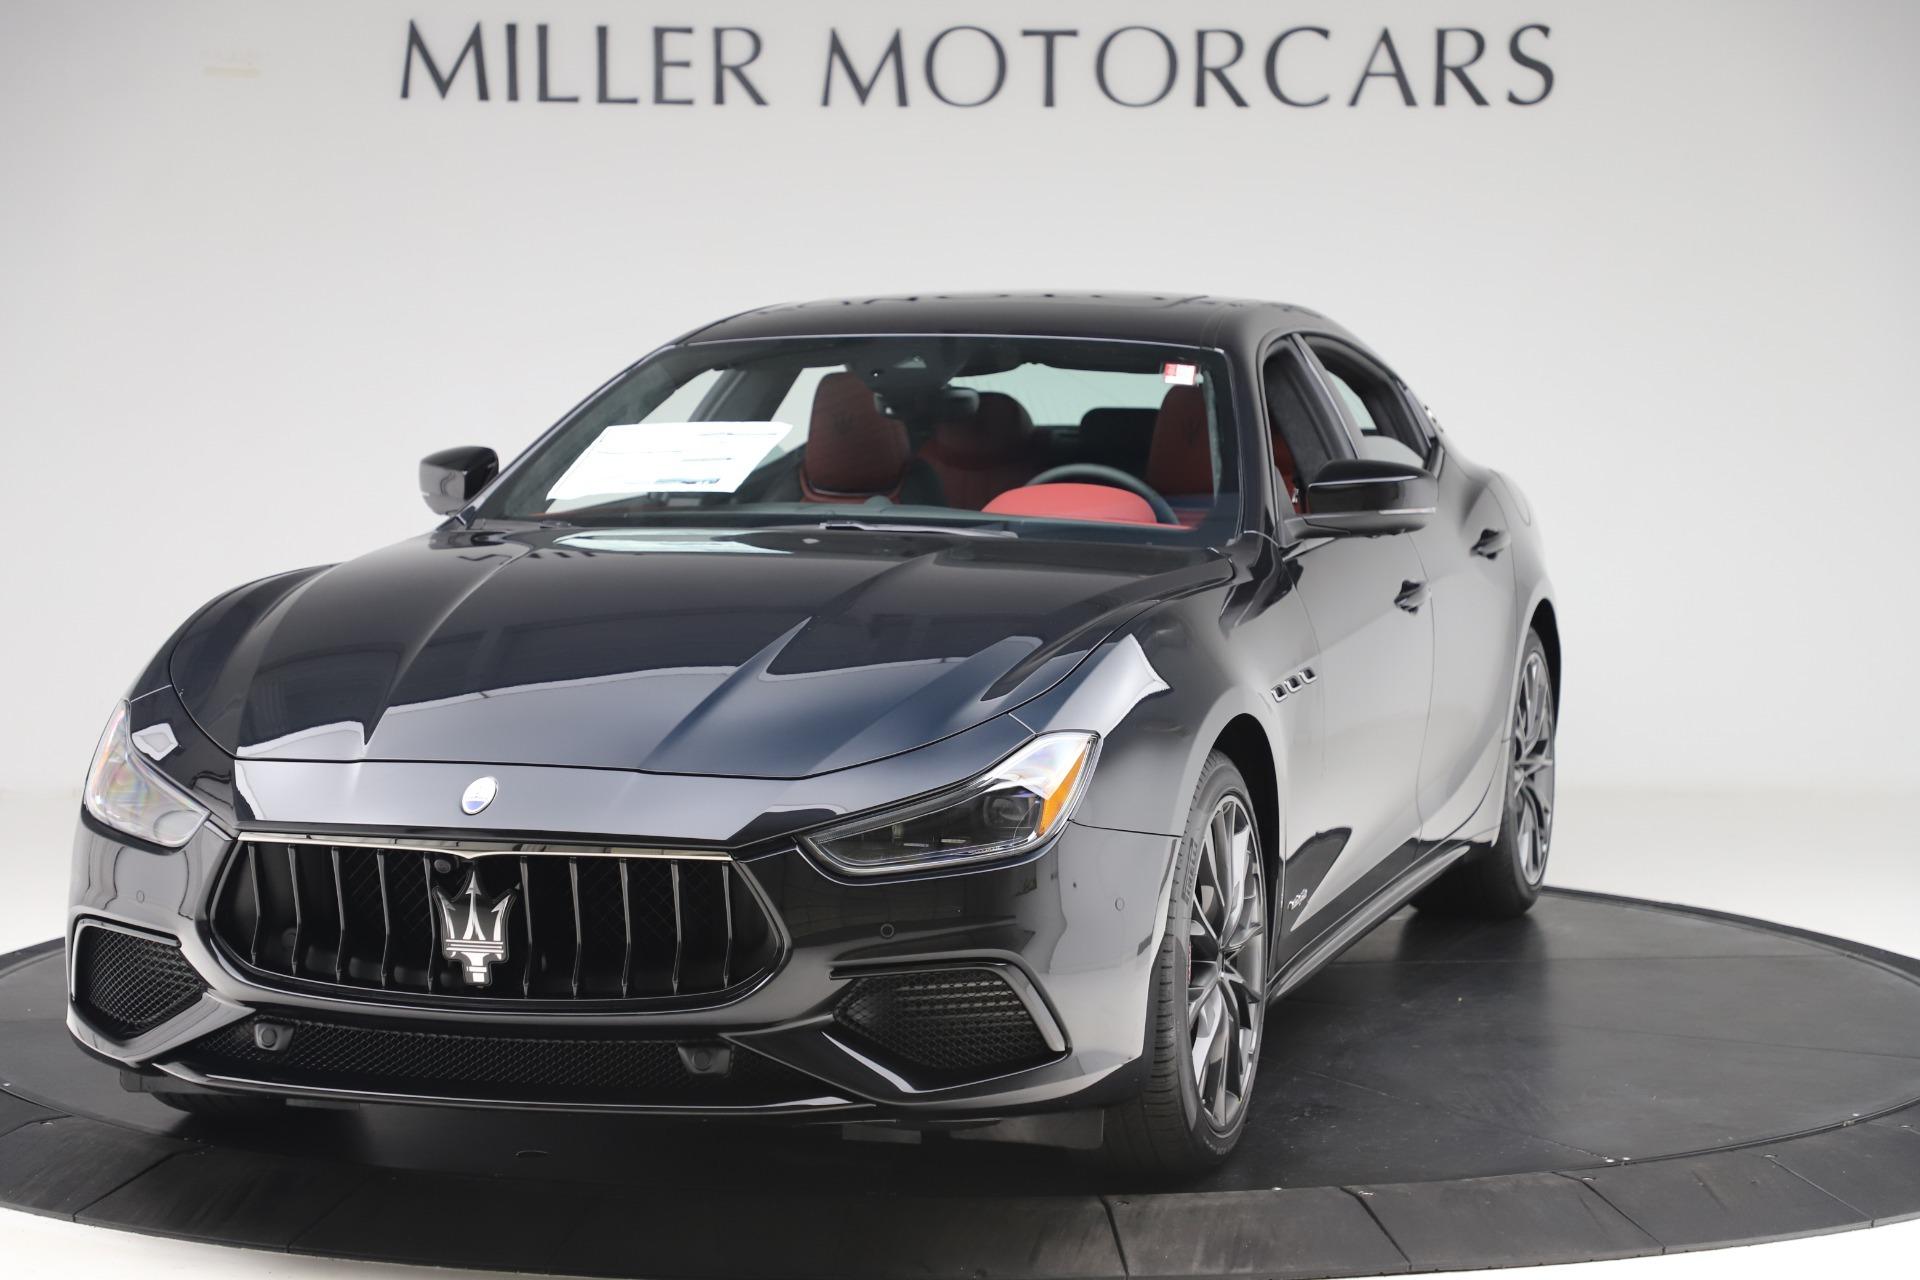 New 2020 Maserati Ghibli S Q4 GranSport for sale Sold at Maserati of Westport in Westport CT 06880 1